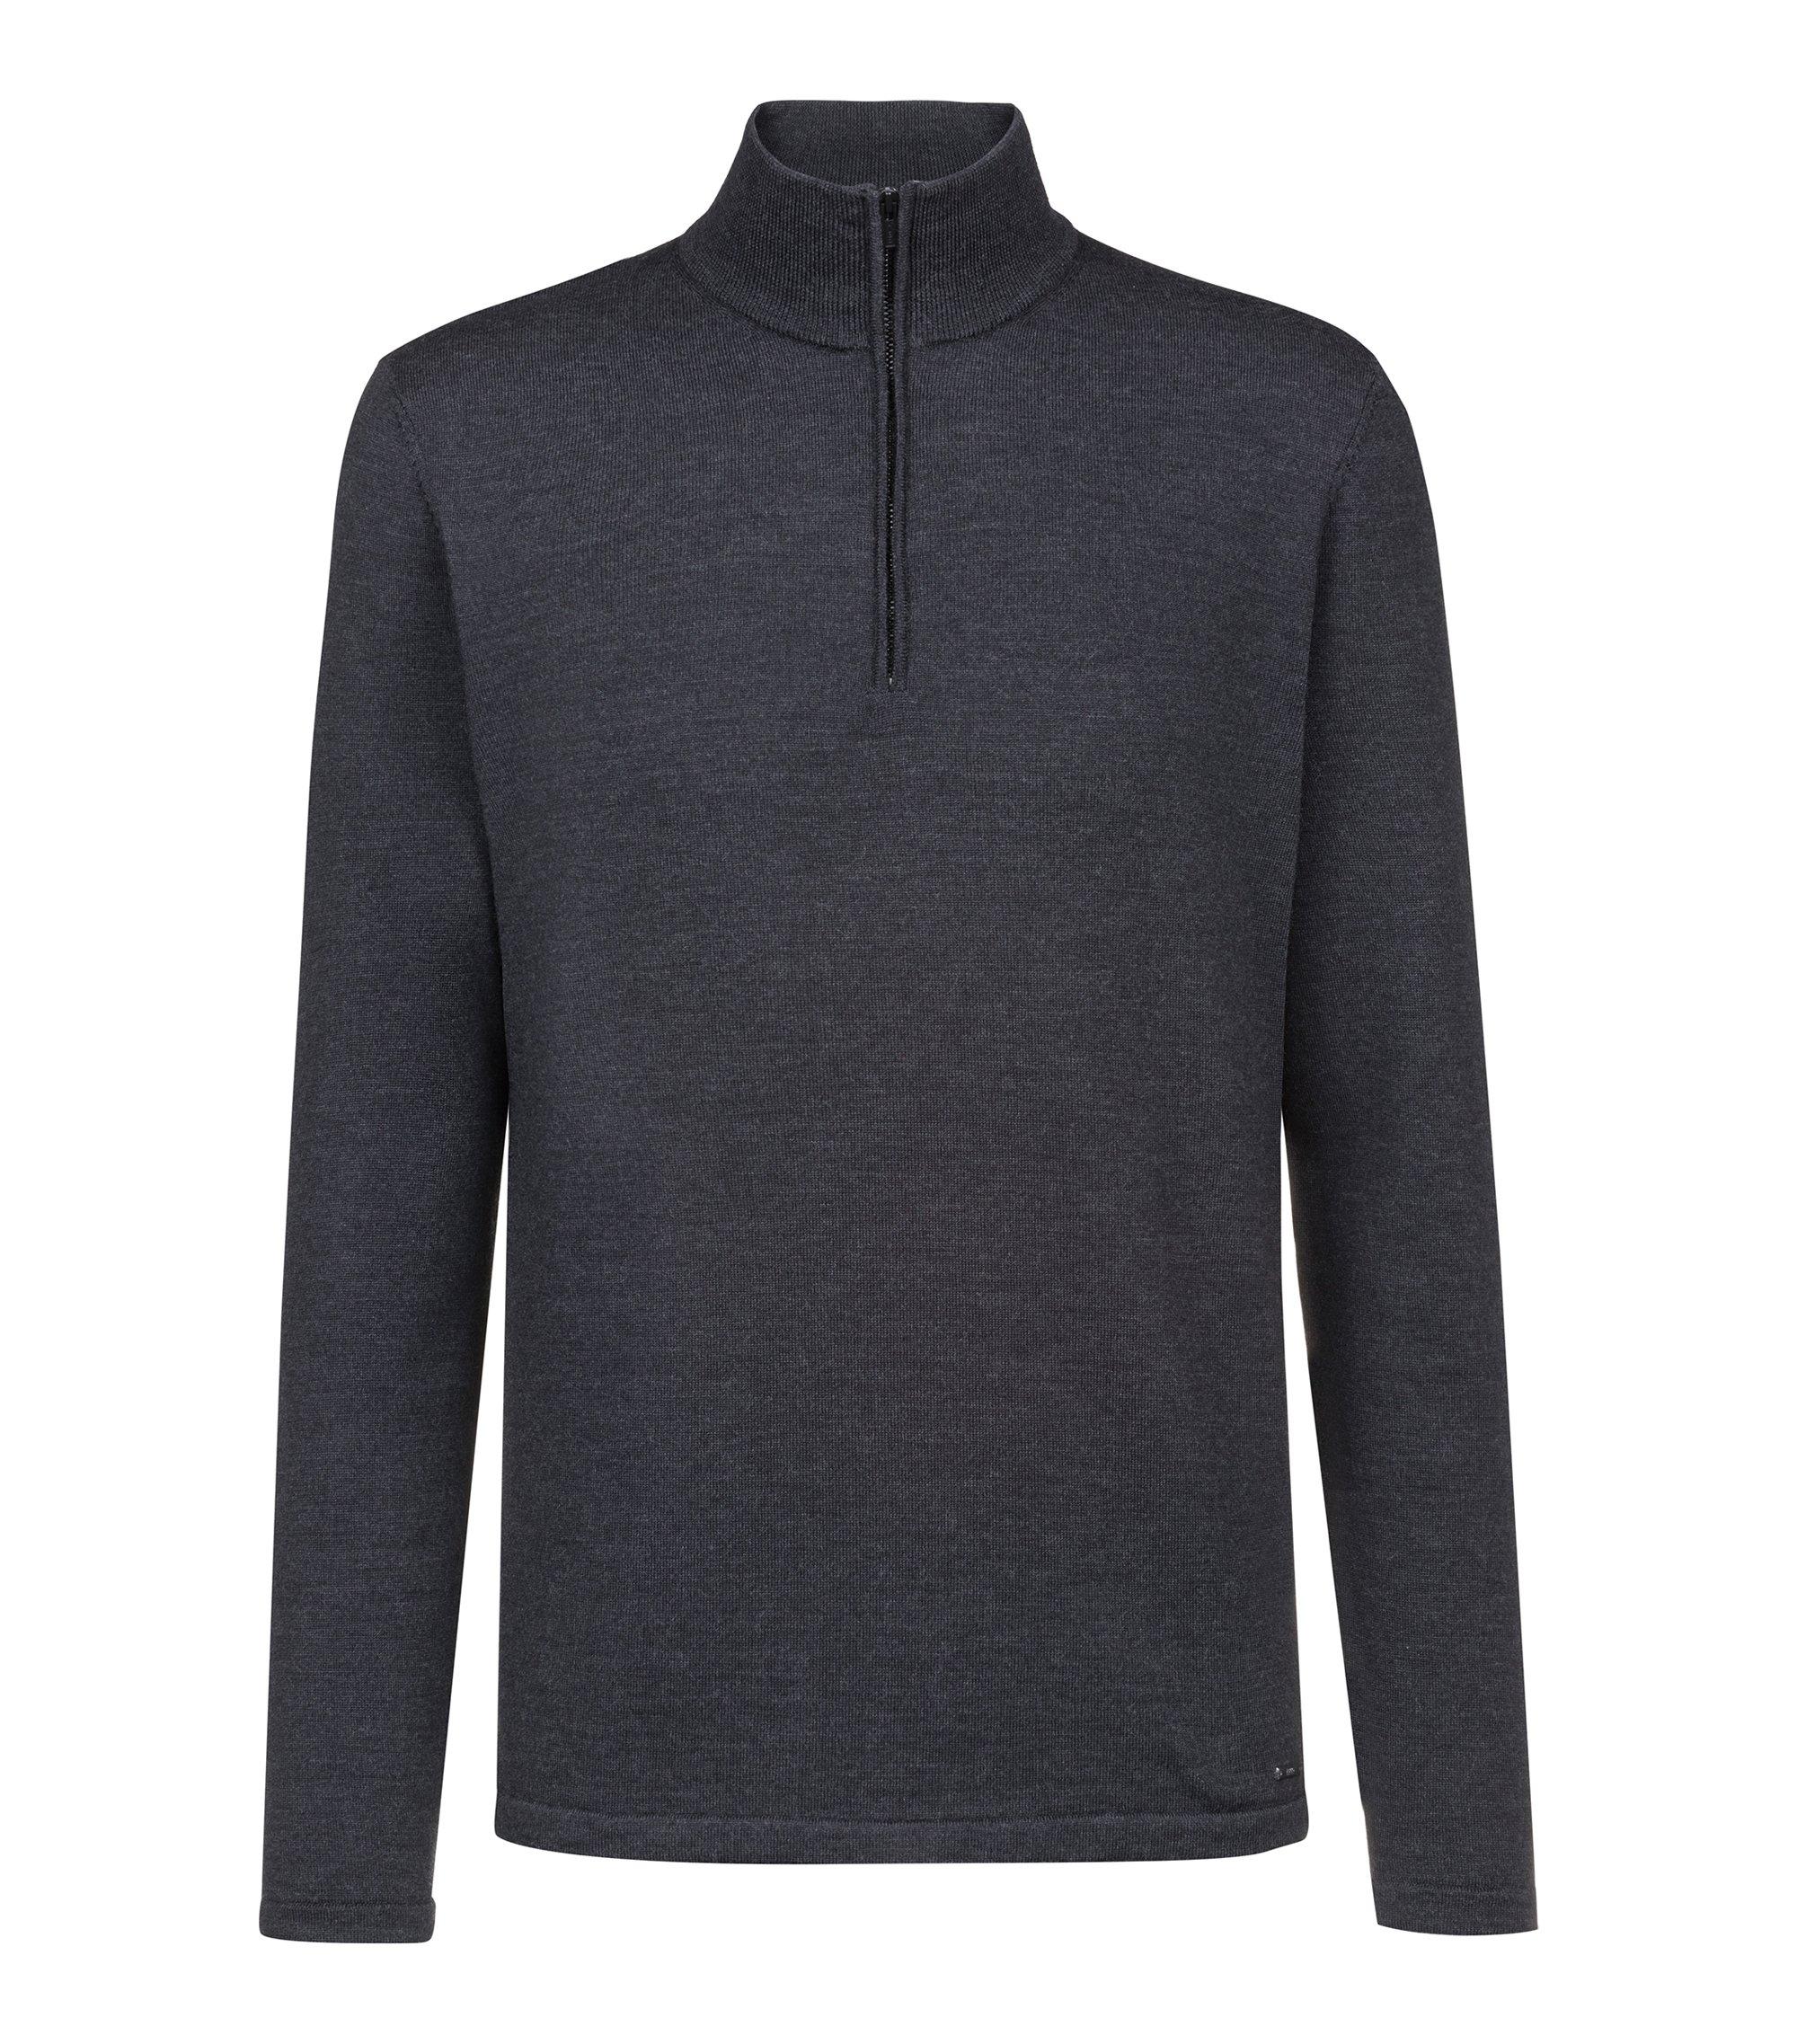 Maglione in lana merino con zip sul colletto, Grigio antracite